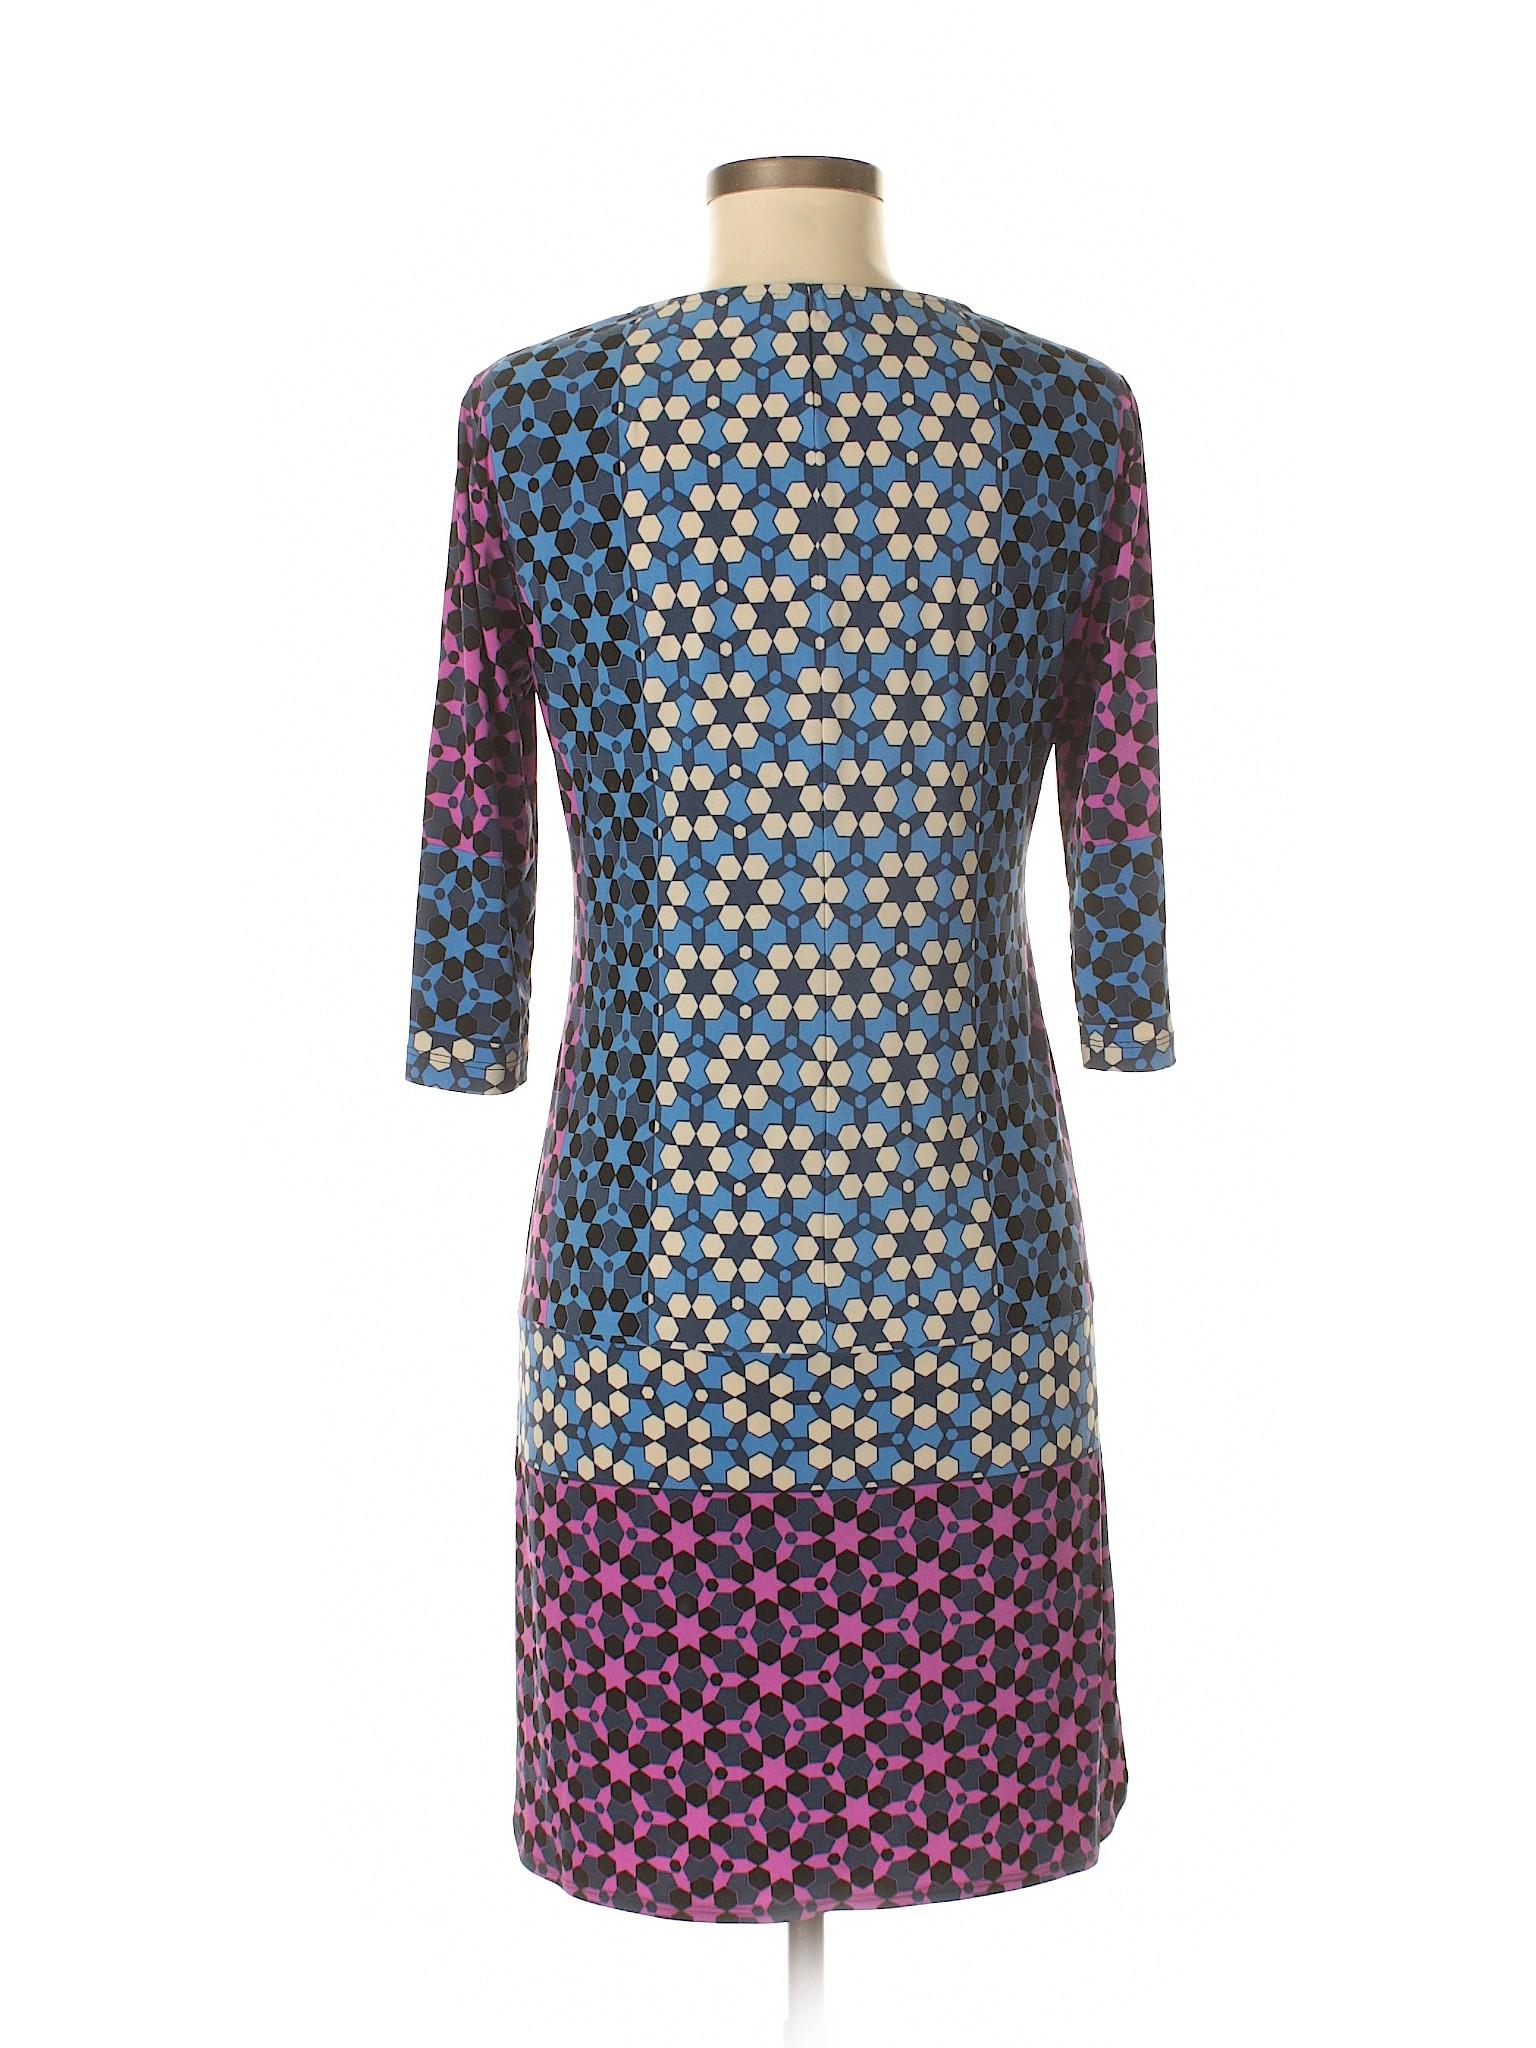 Morgan Casual Donna Dress winter Boutique qAHZpO